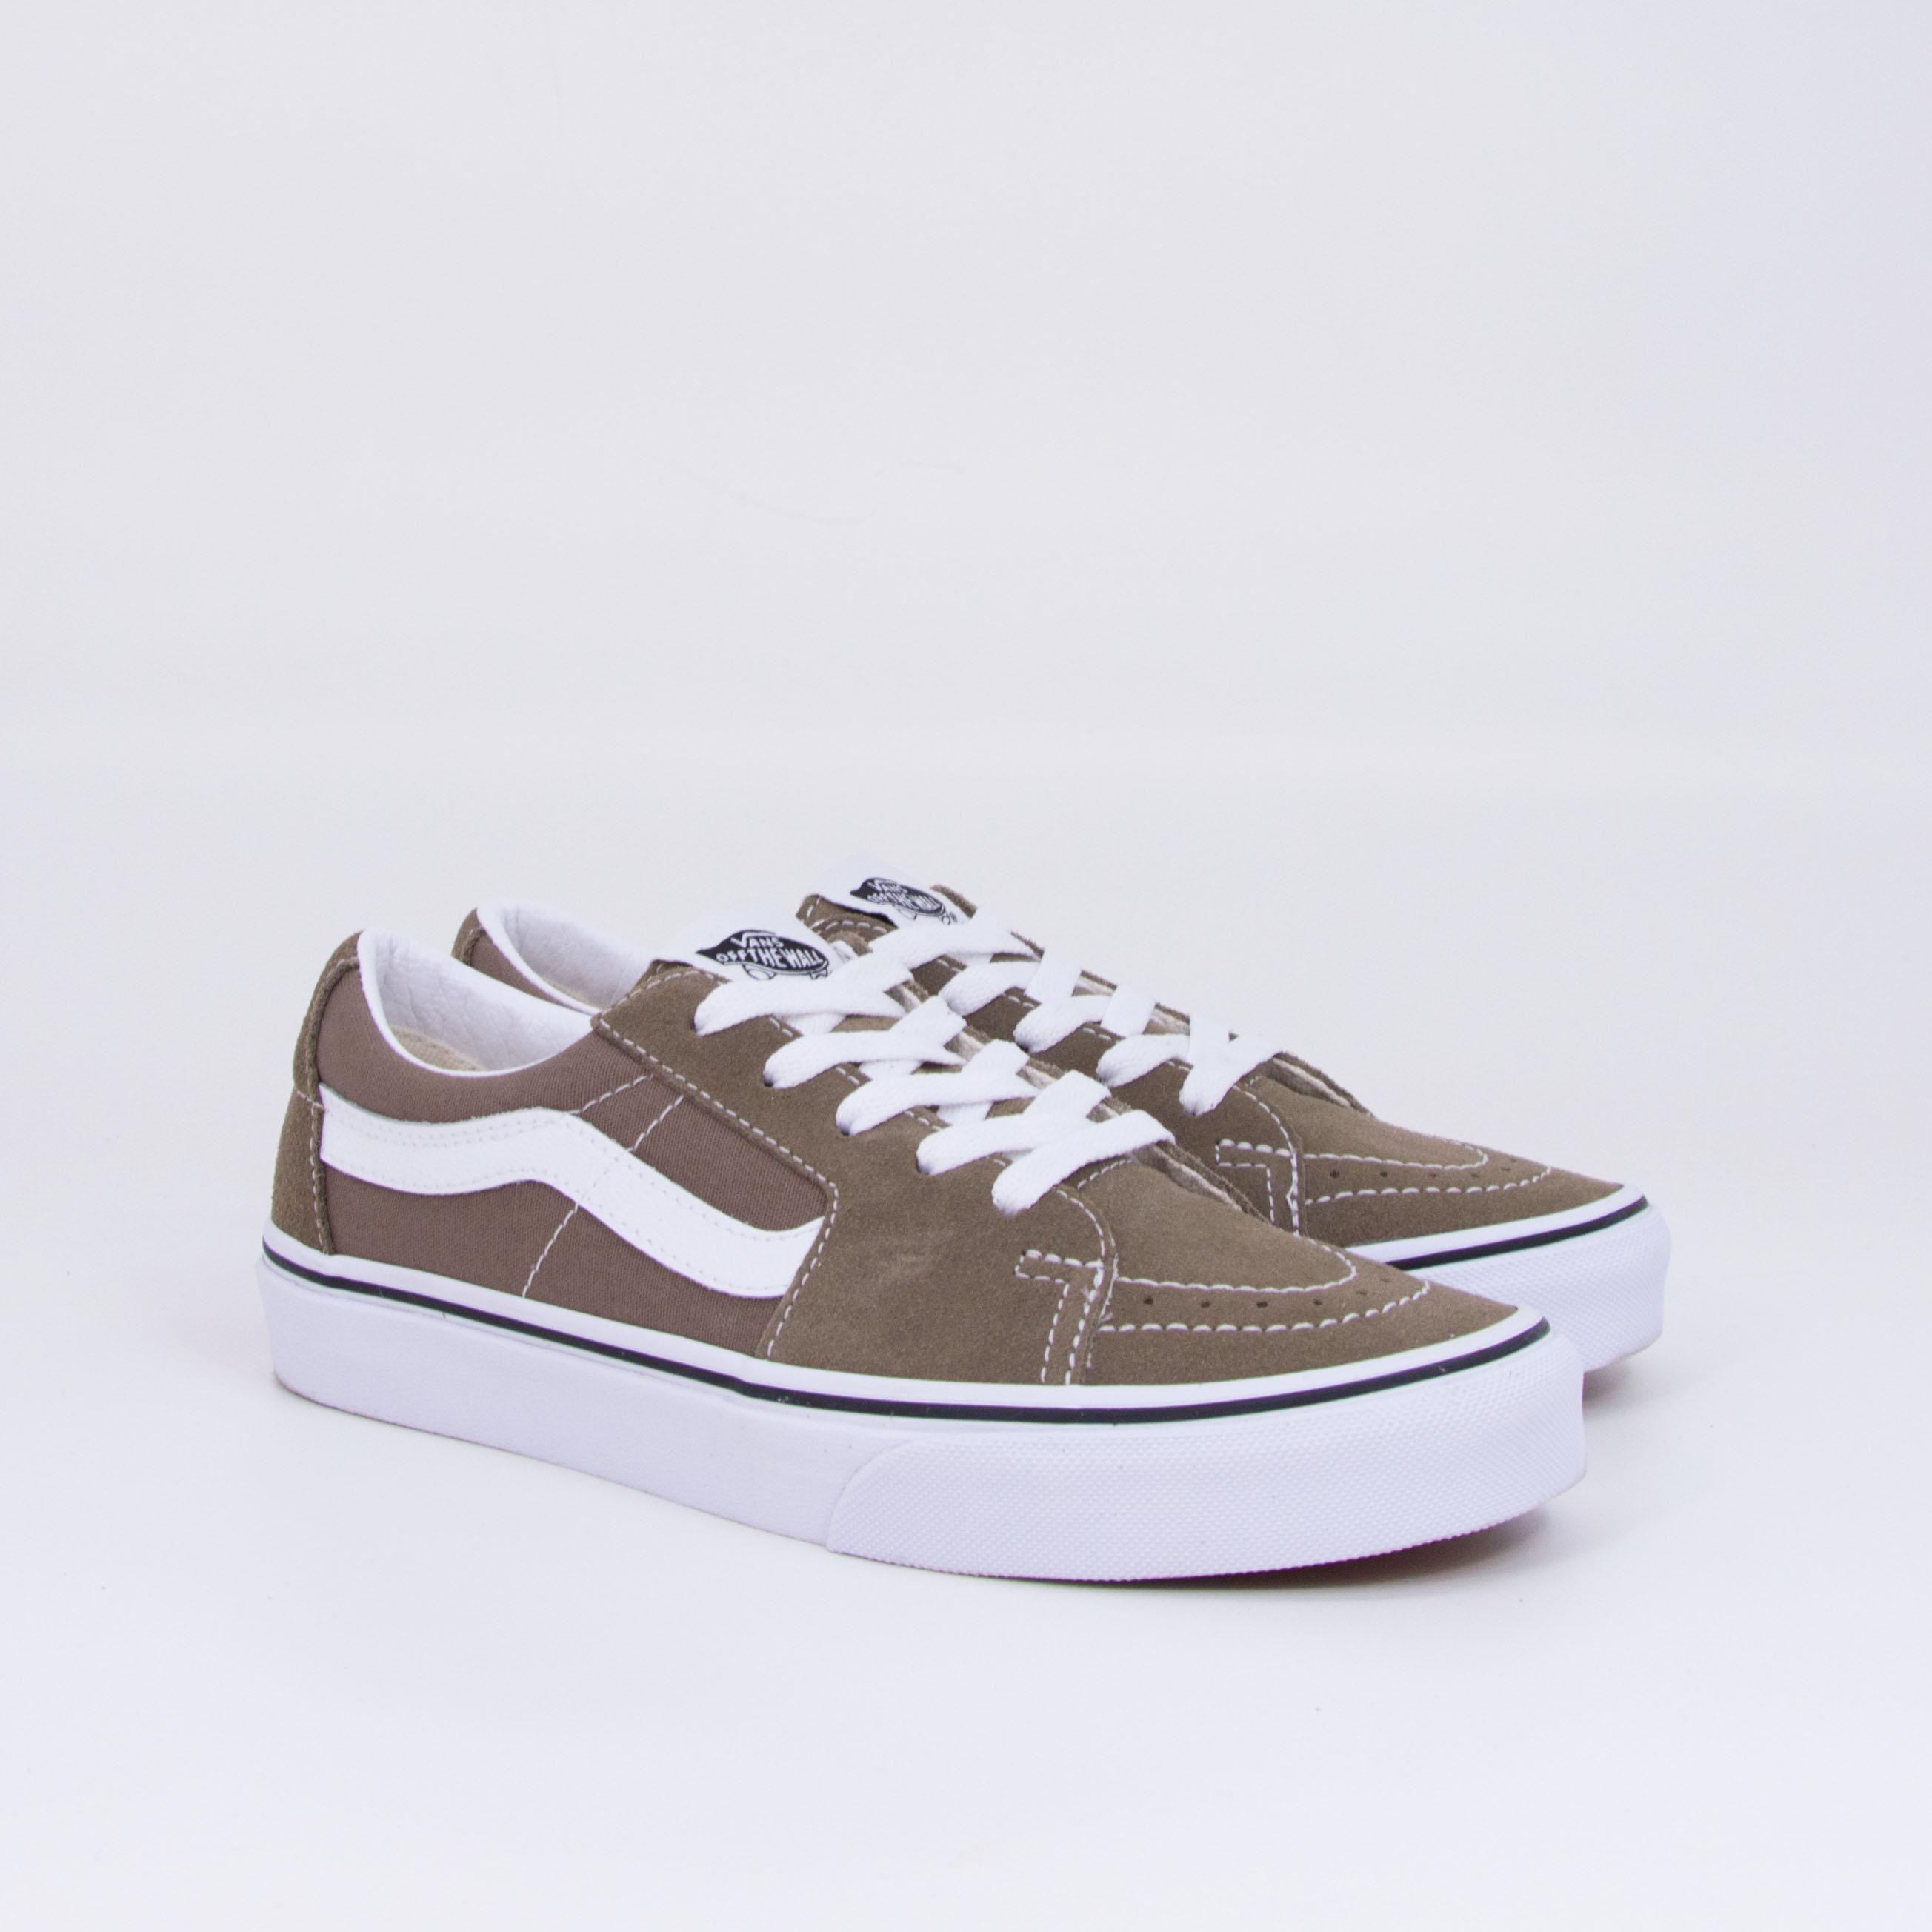 Vans - SK8-LOW - Walnut/True  White